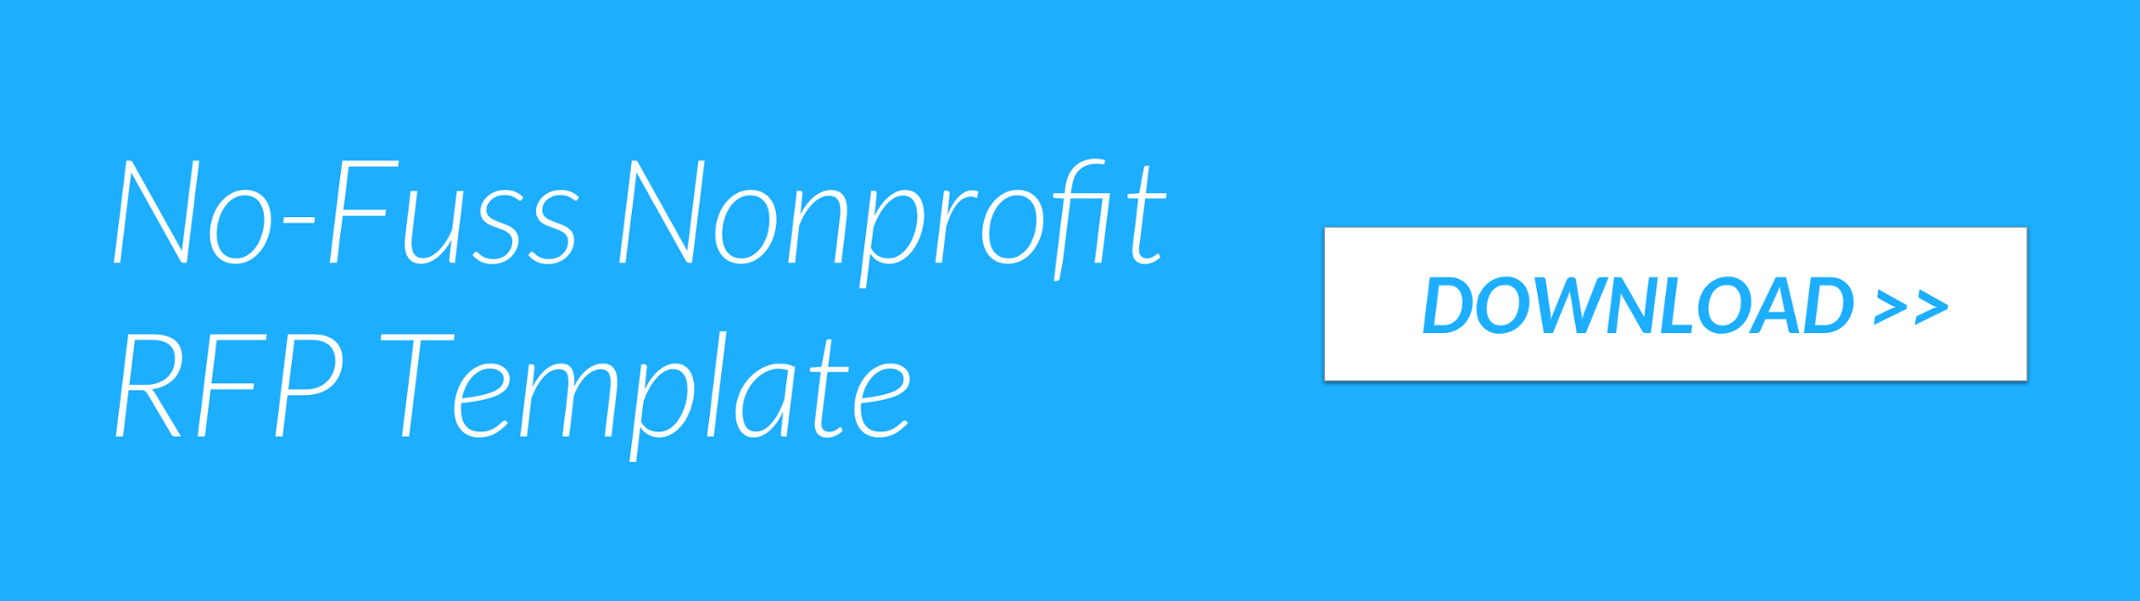 No-Fuss Nonprofit RFP Template